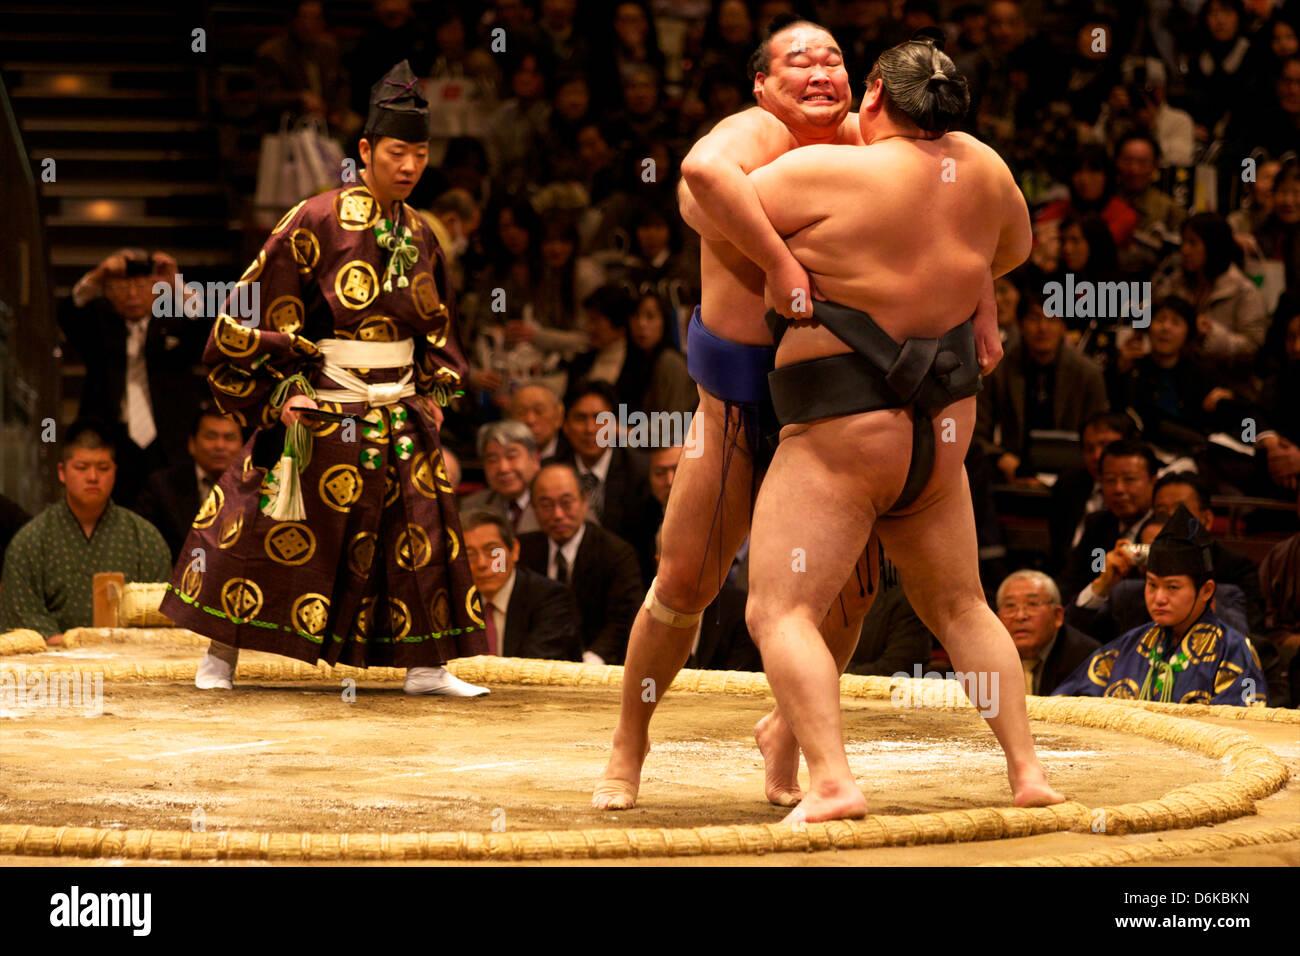 Zwei Sumo-Ringer, die hart daran setzen Sie ihre Gegner aus dem Kreis, Sumo-ringen Wettbewerb, Tokio, Japan, Asien Stockbild